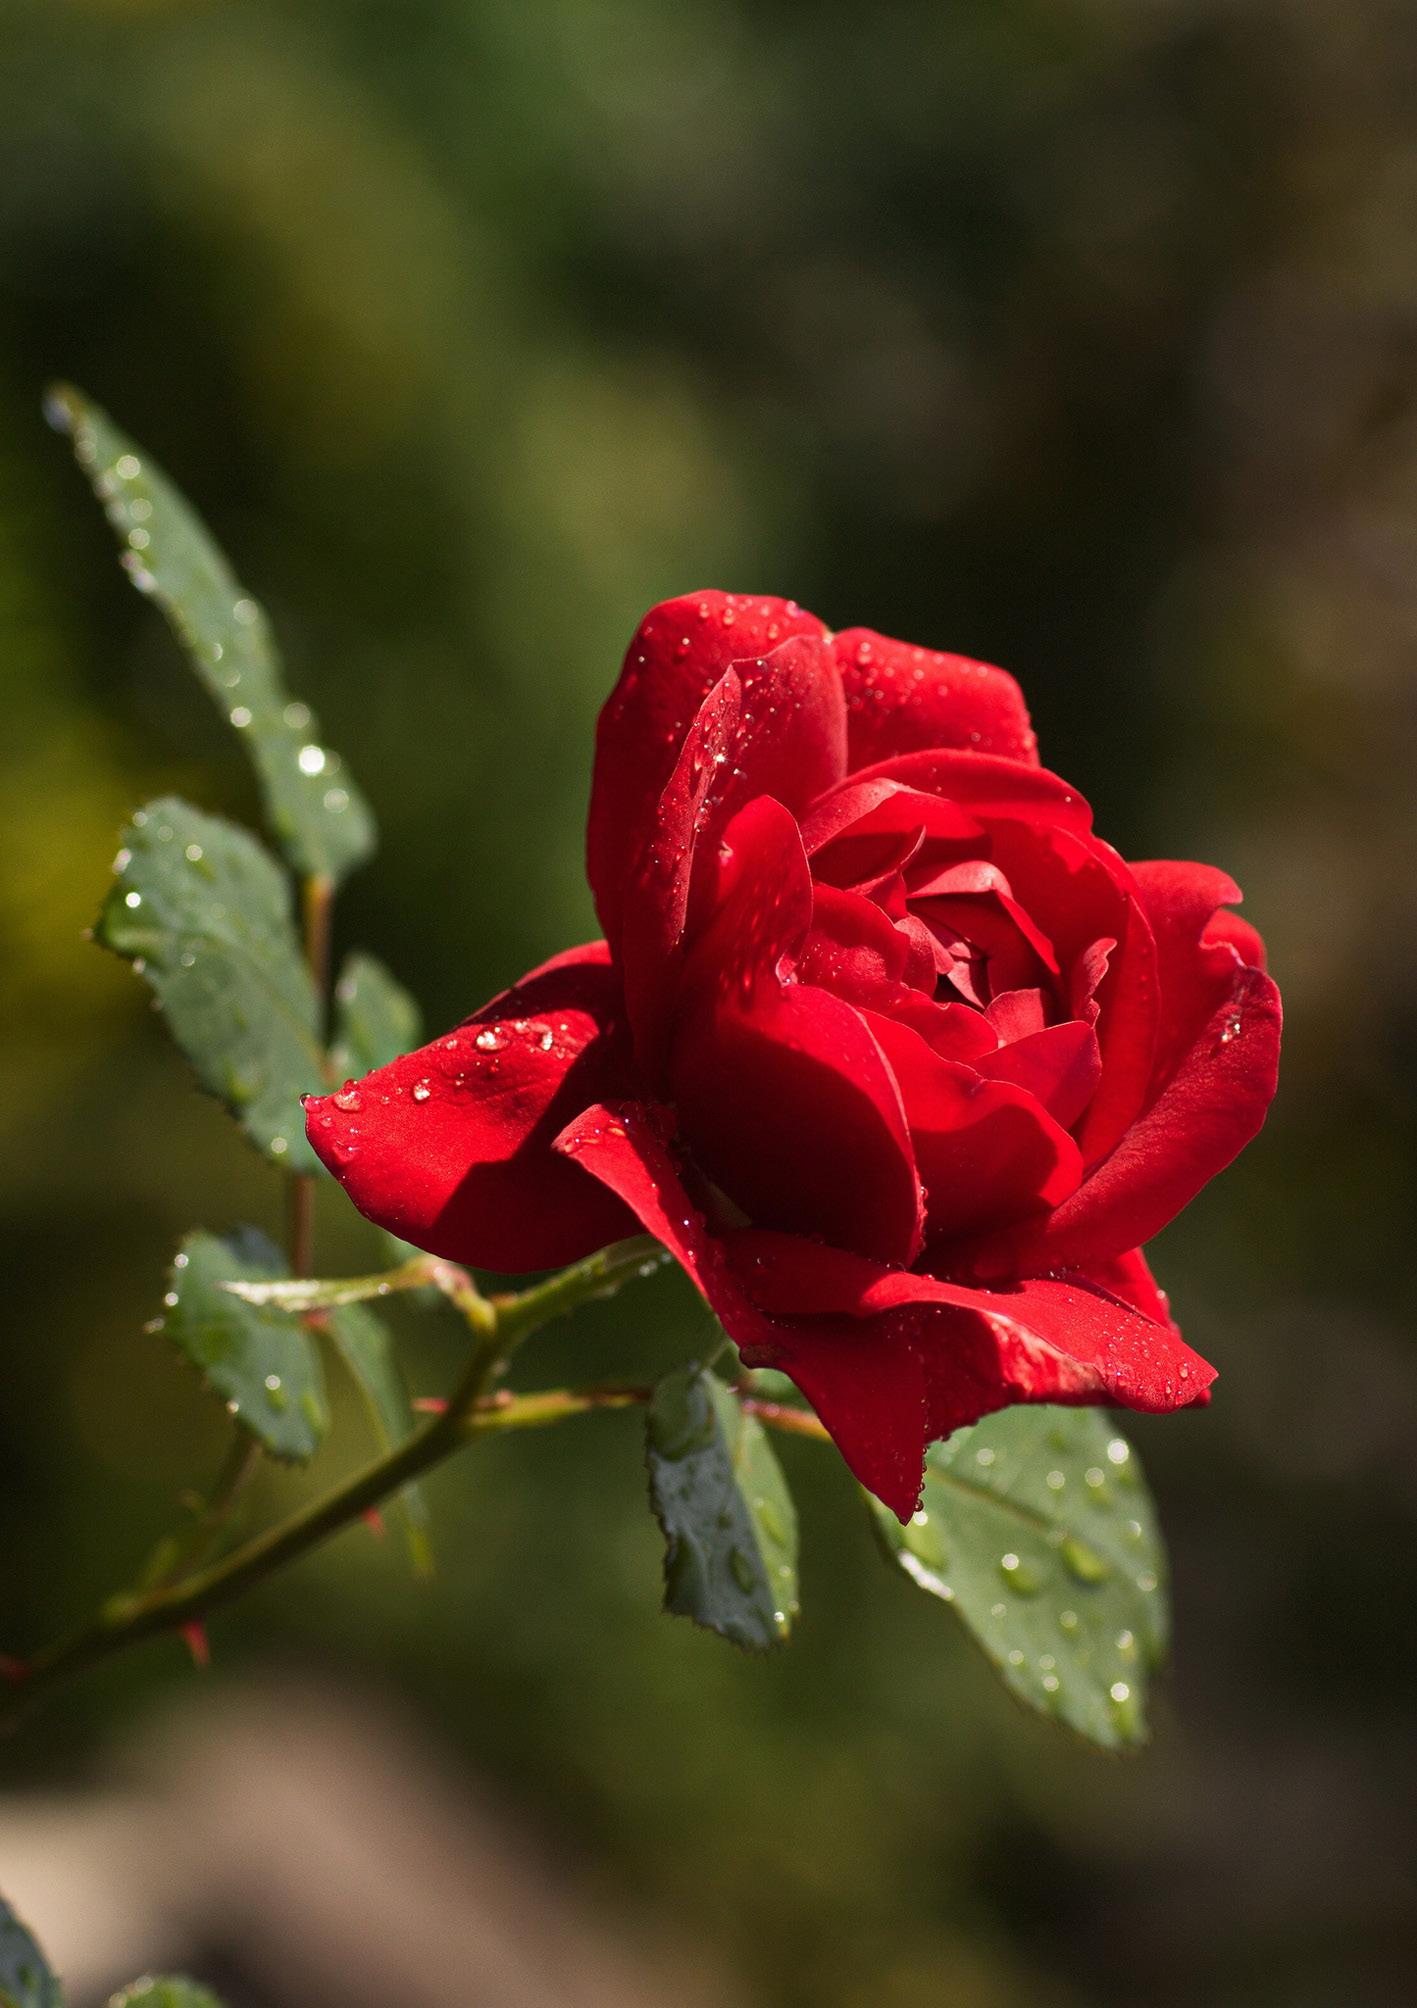 Klappkarte - Der Zauber der roten Rose